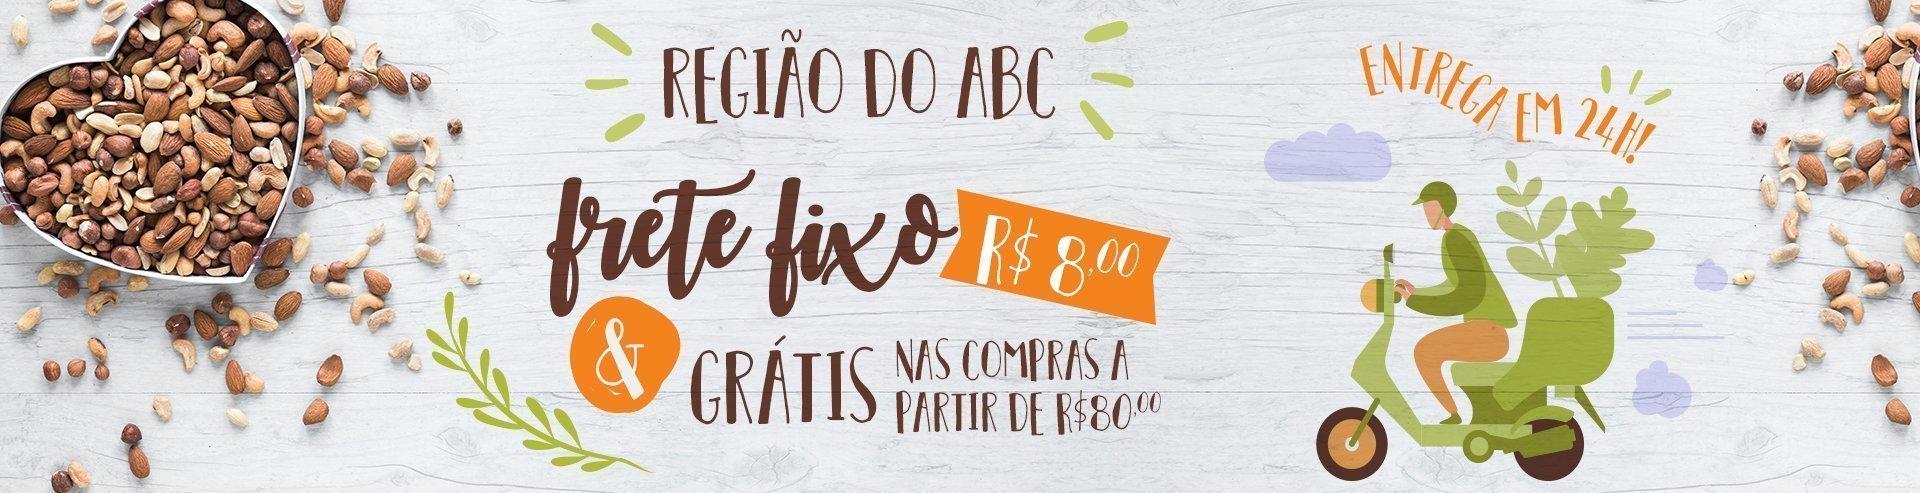 Frete ABC